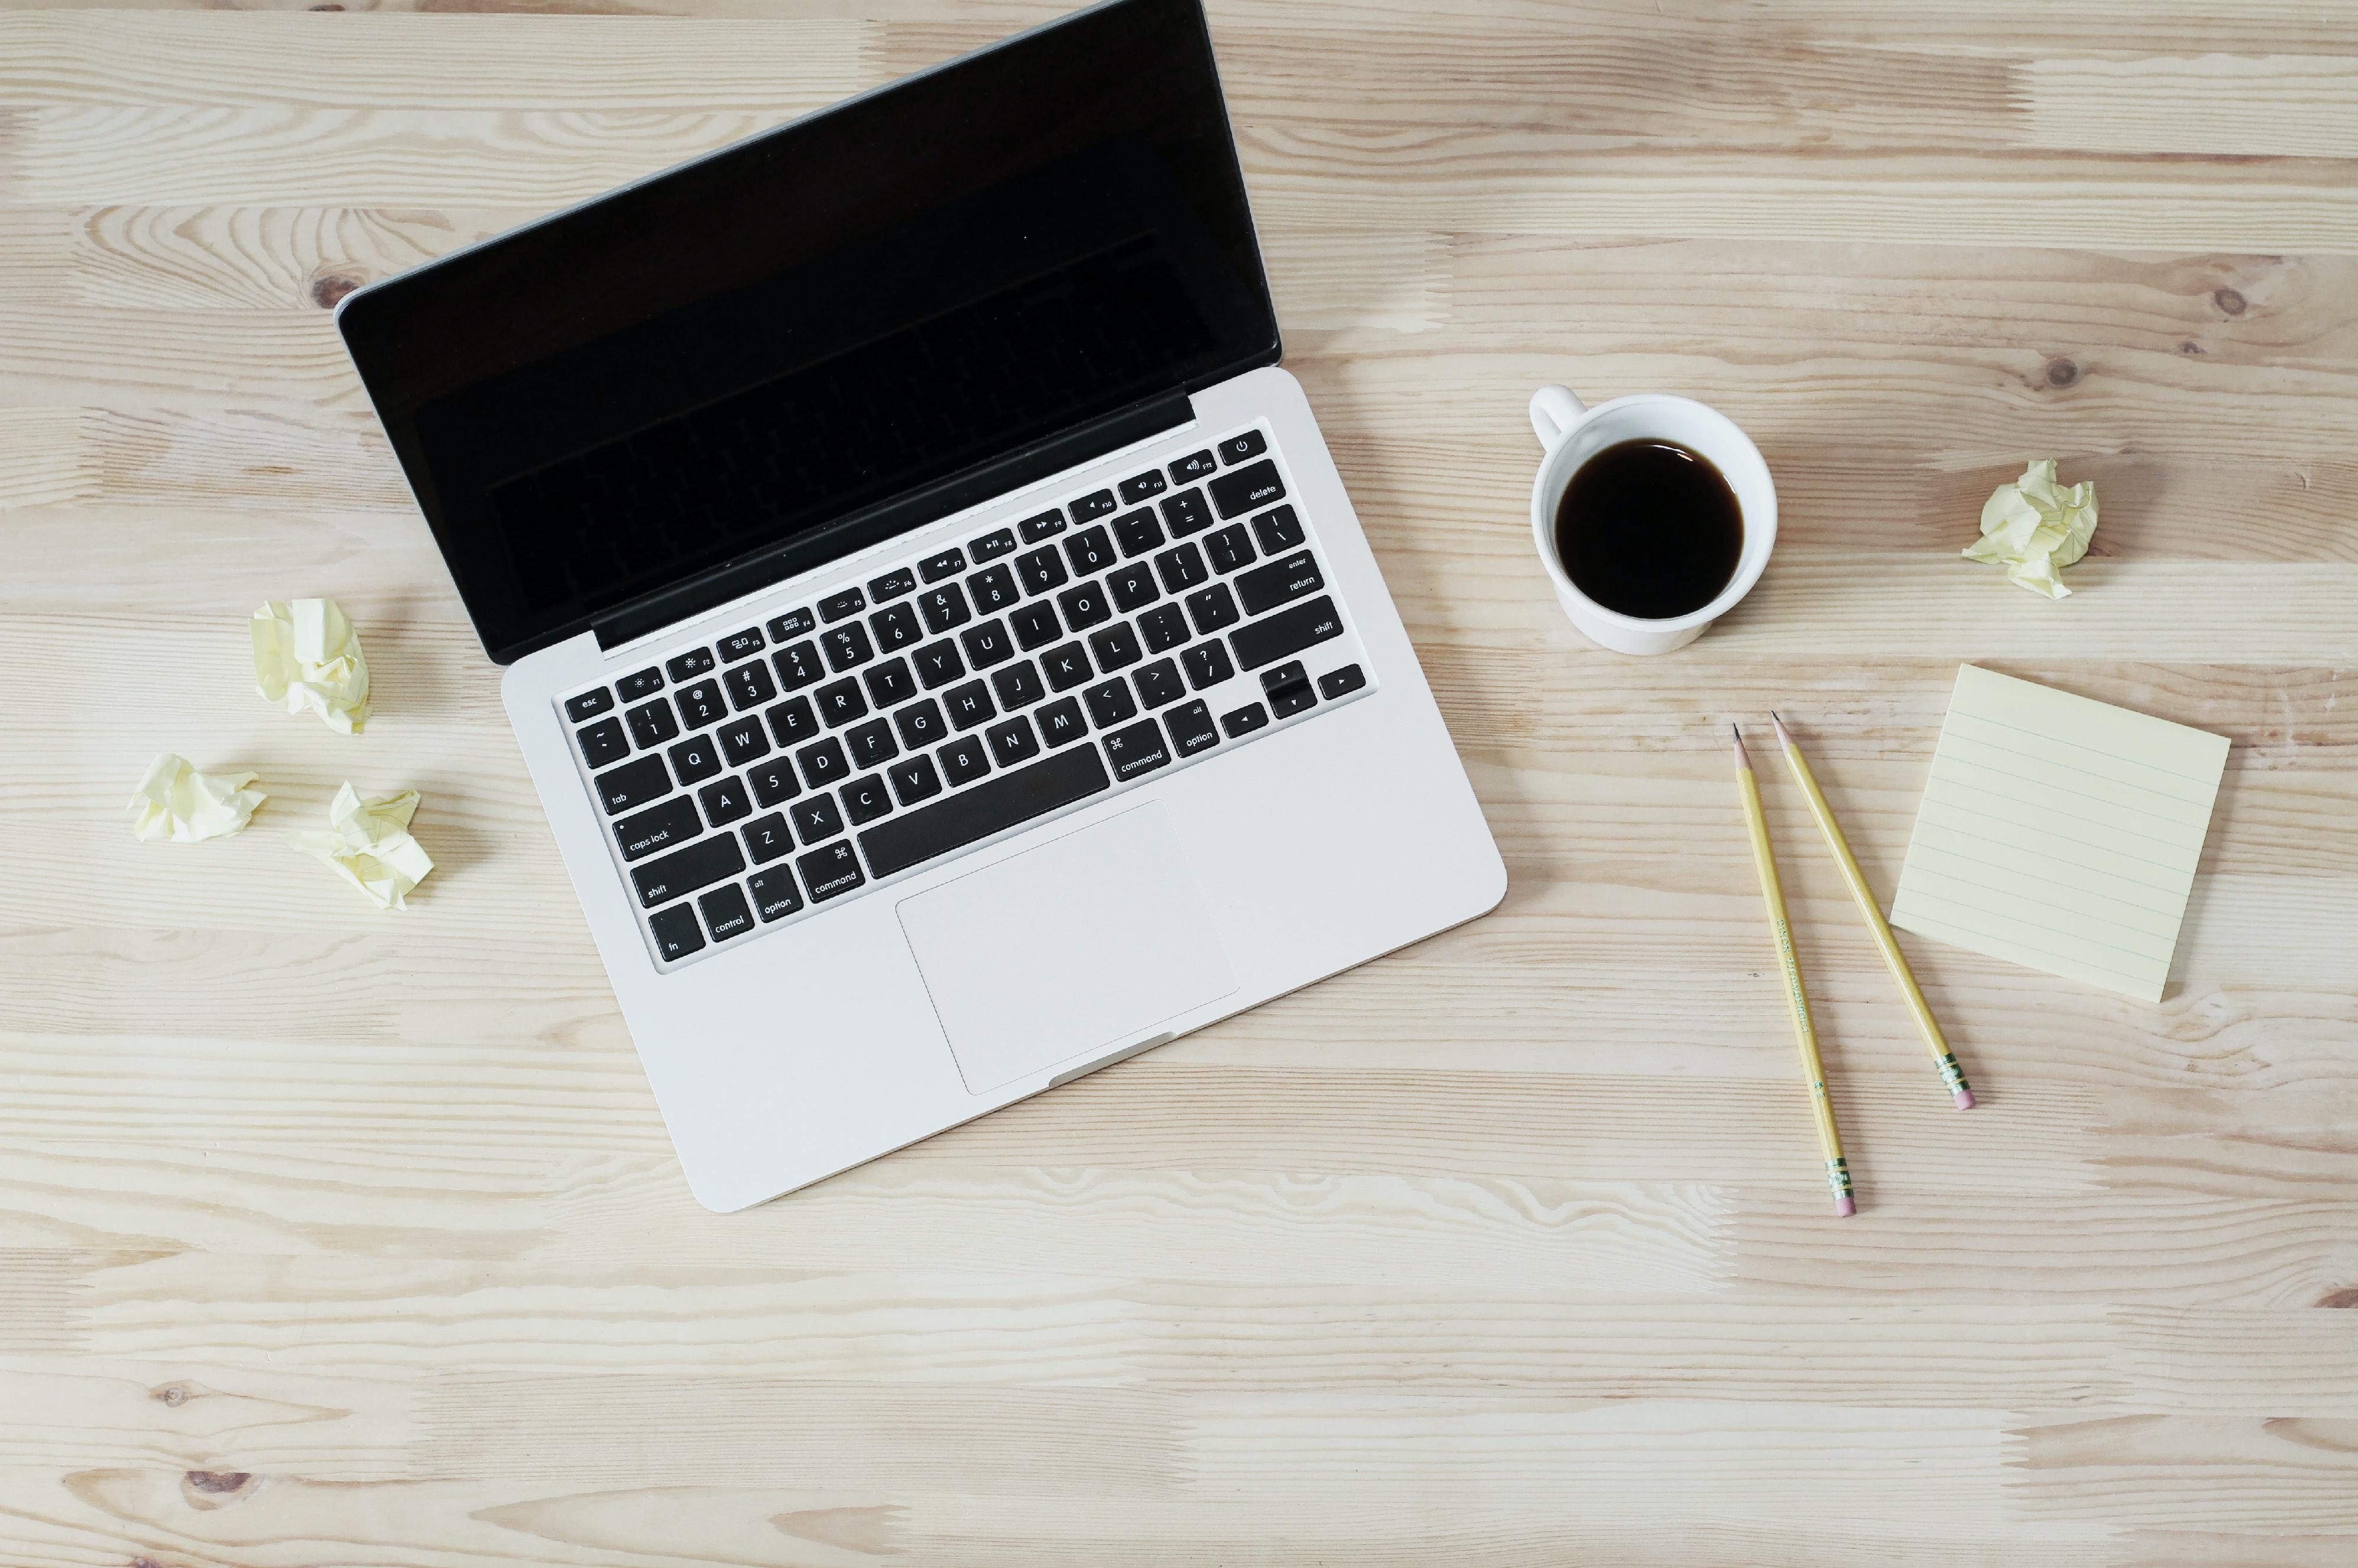 Mindverse - Ein Tool das Blogposts in Sekunden generiert